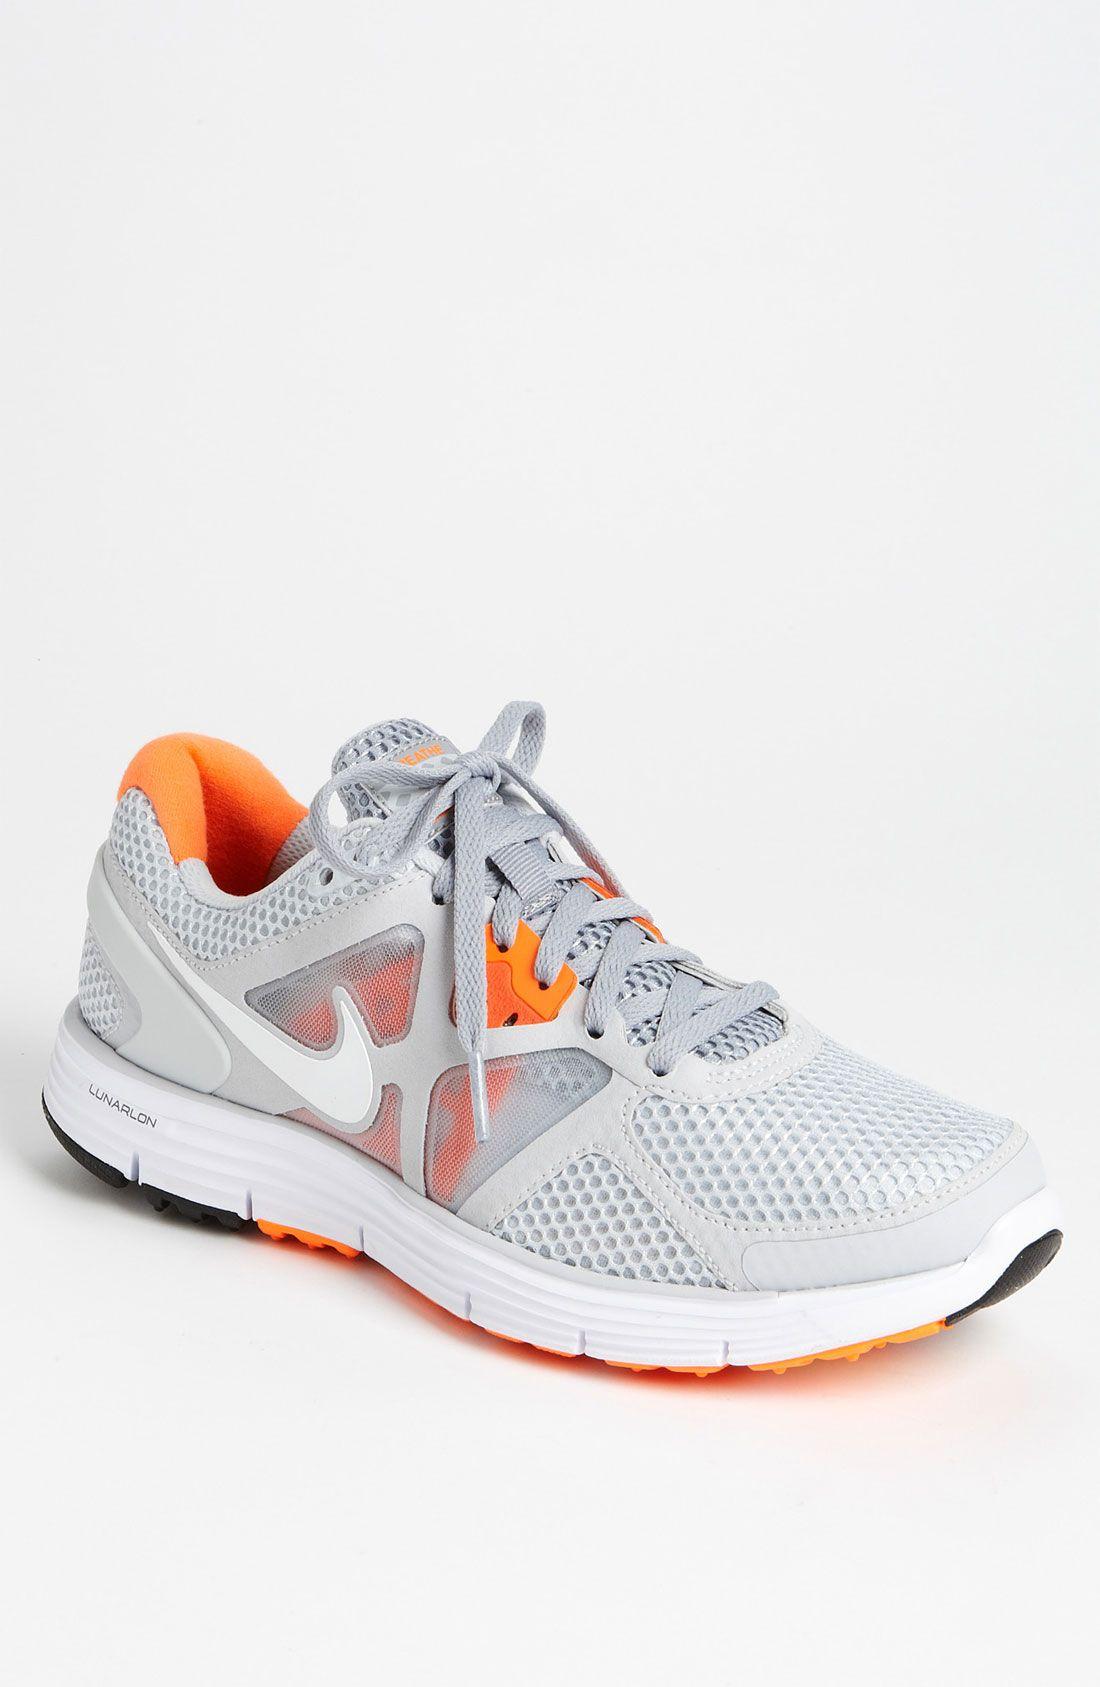 cedcced3d986 Nike  LunarGlide+ 3 Breathe  Running Shoe (Men) Lightweight Running Shoes